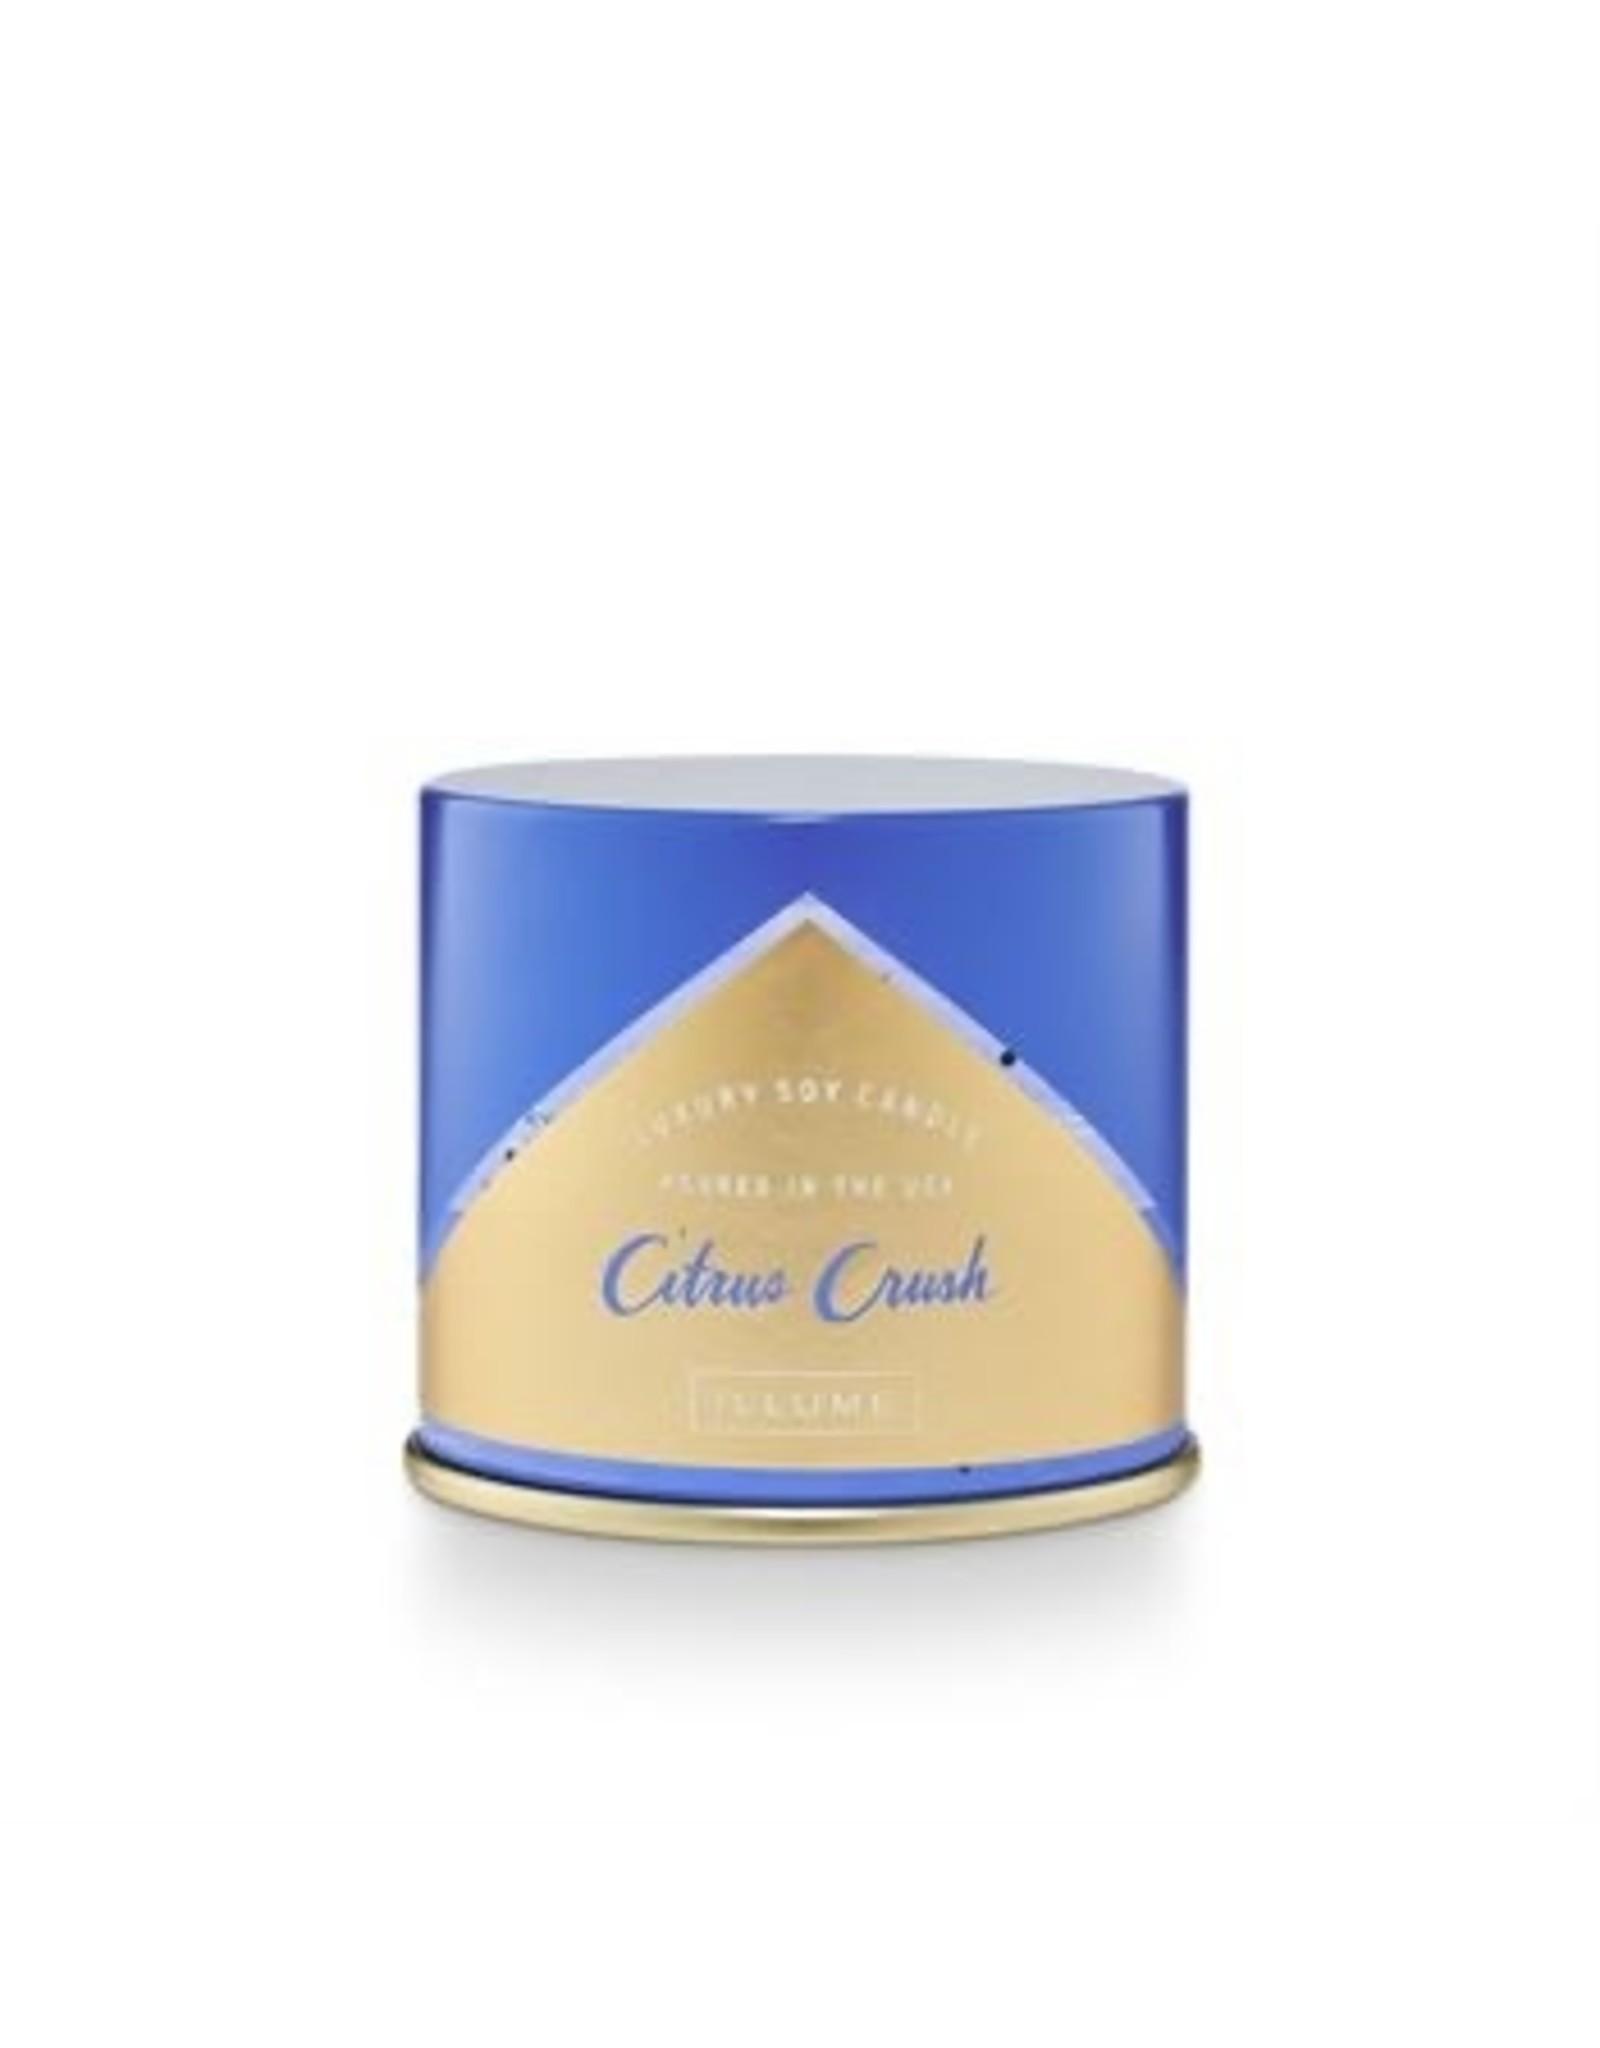 Illume Citrus Crush Metal Candle - 11.8 oz